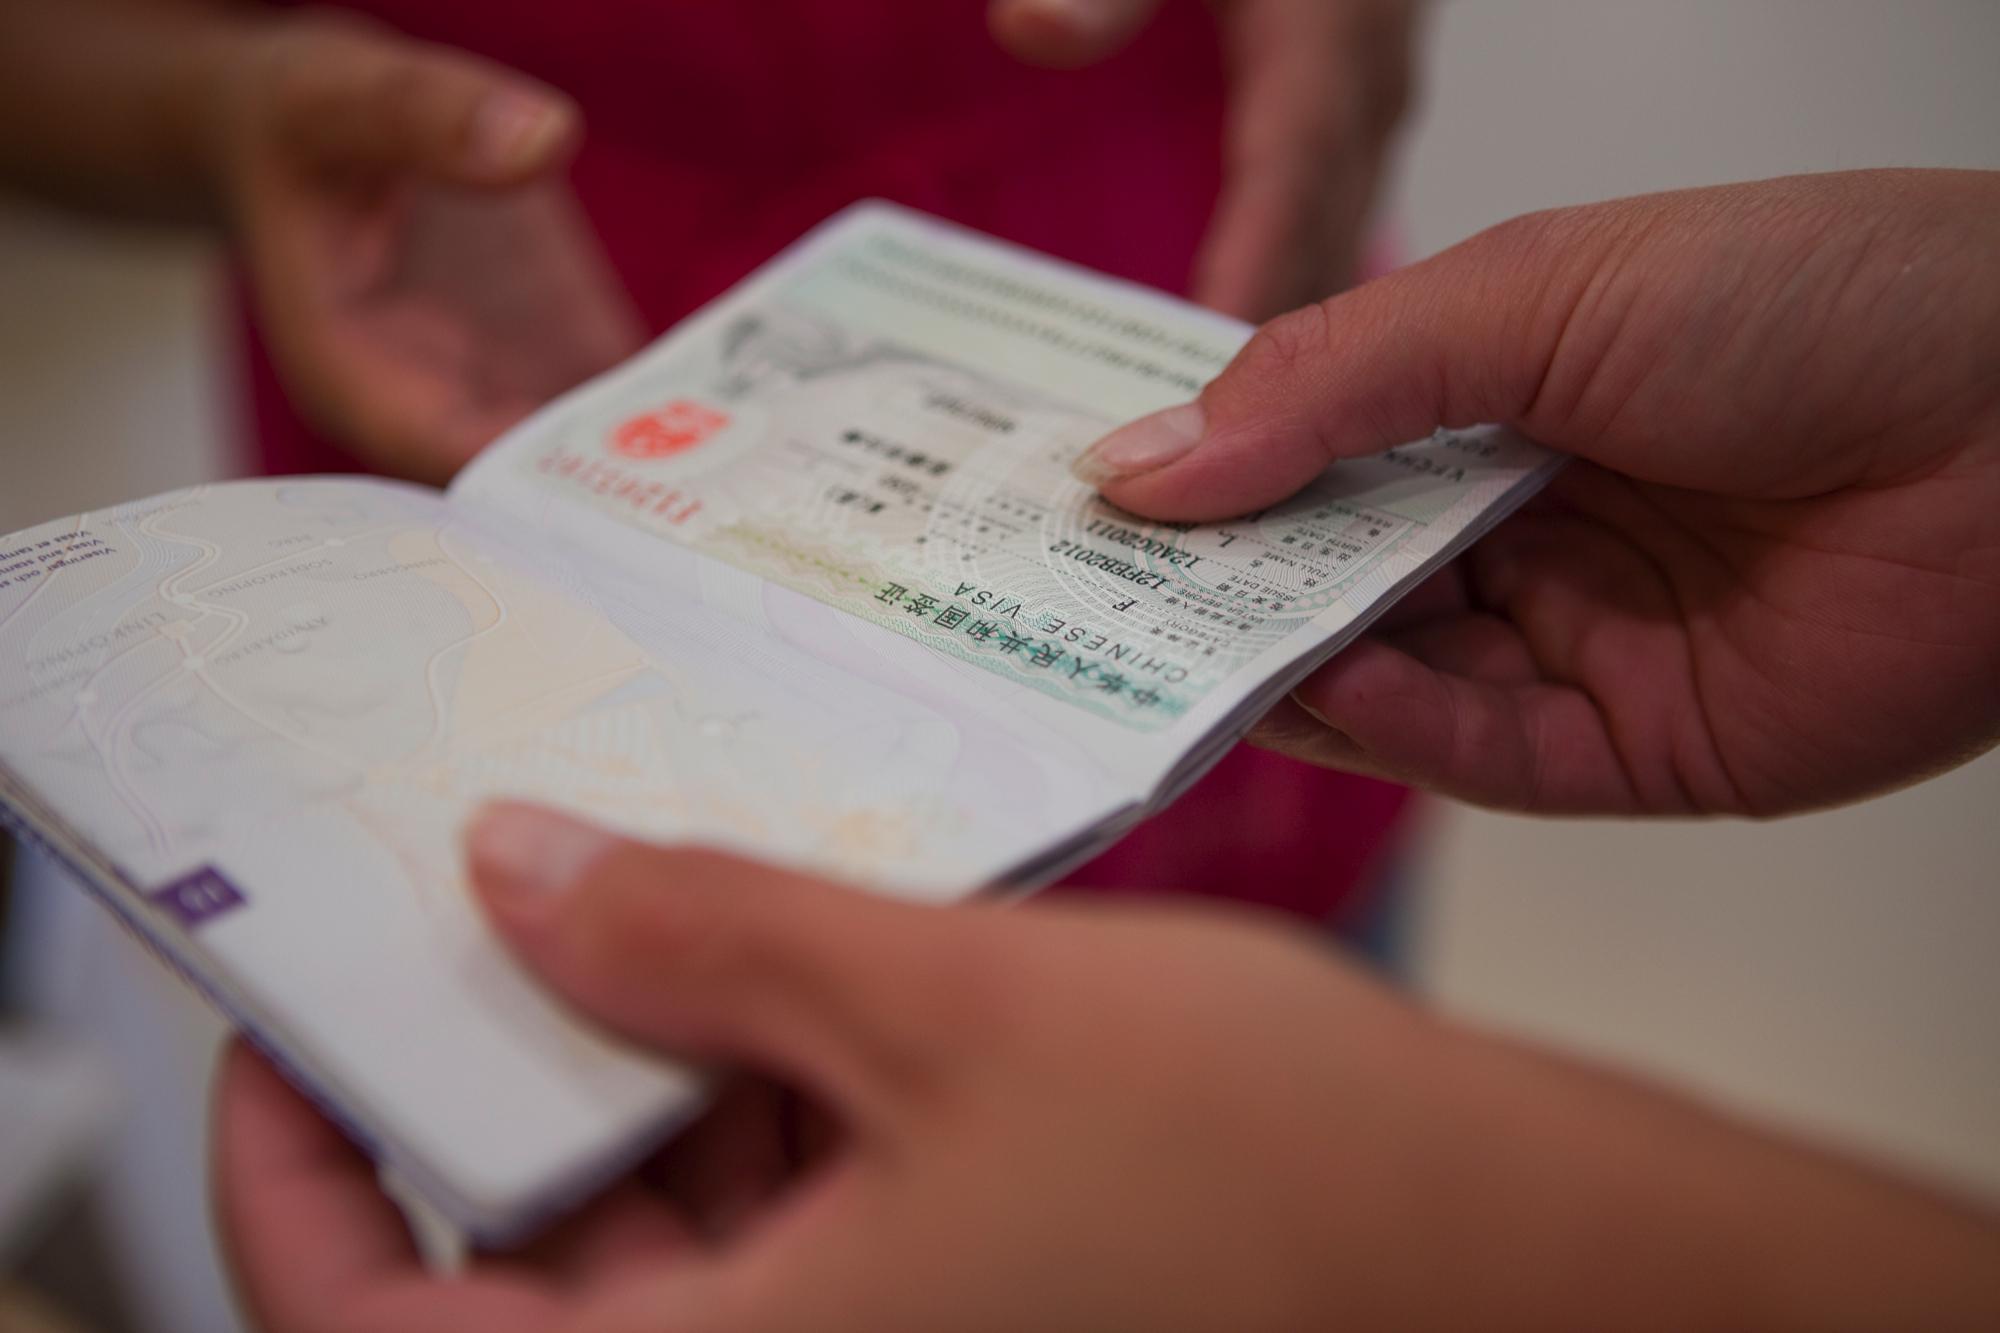 Et pas er et meget vigtigt officielt rejsedokument, der naturligvis skal være i orden – ellers kan det få konsekvenser for den rejsende. Arkivfoto fra Comet Consular Services.